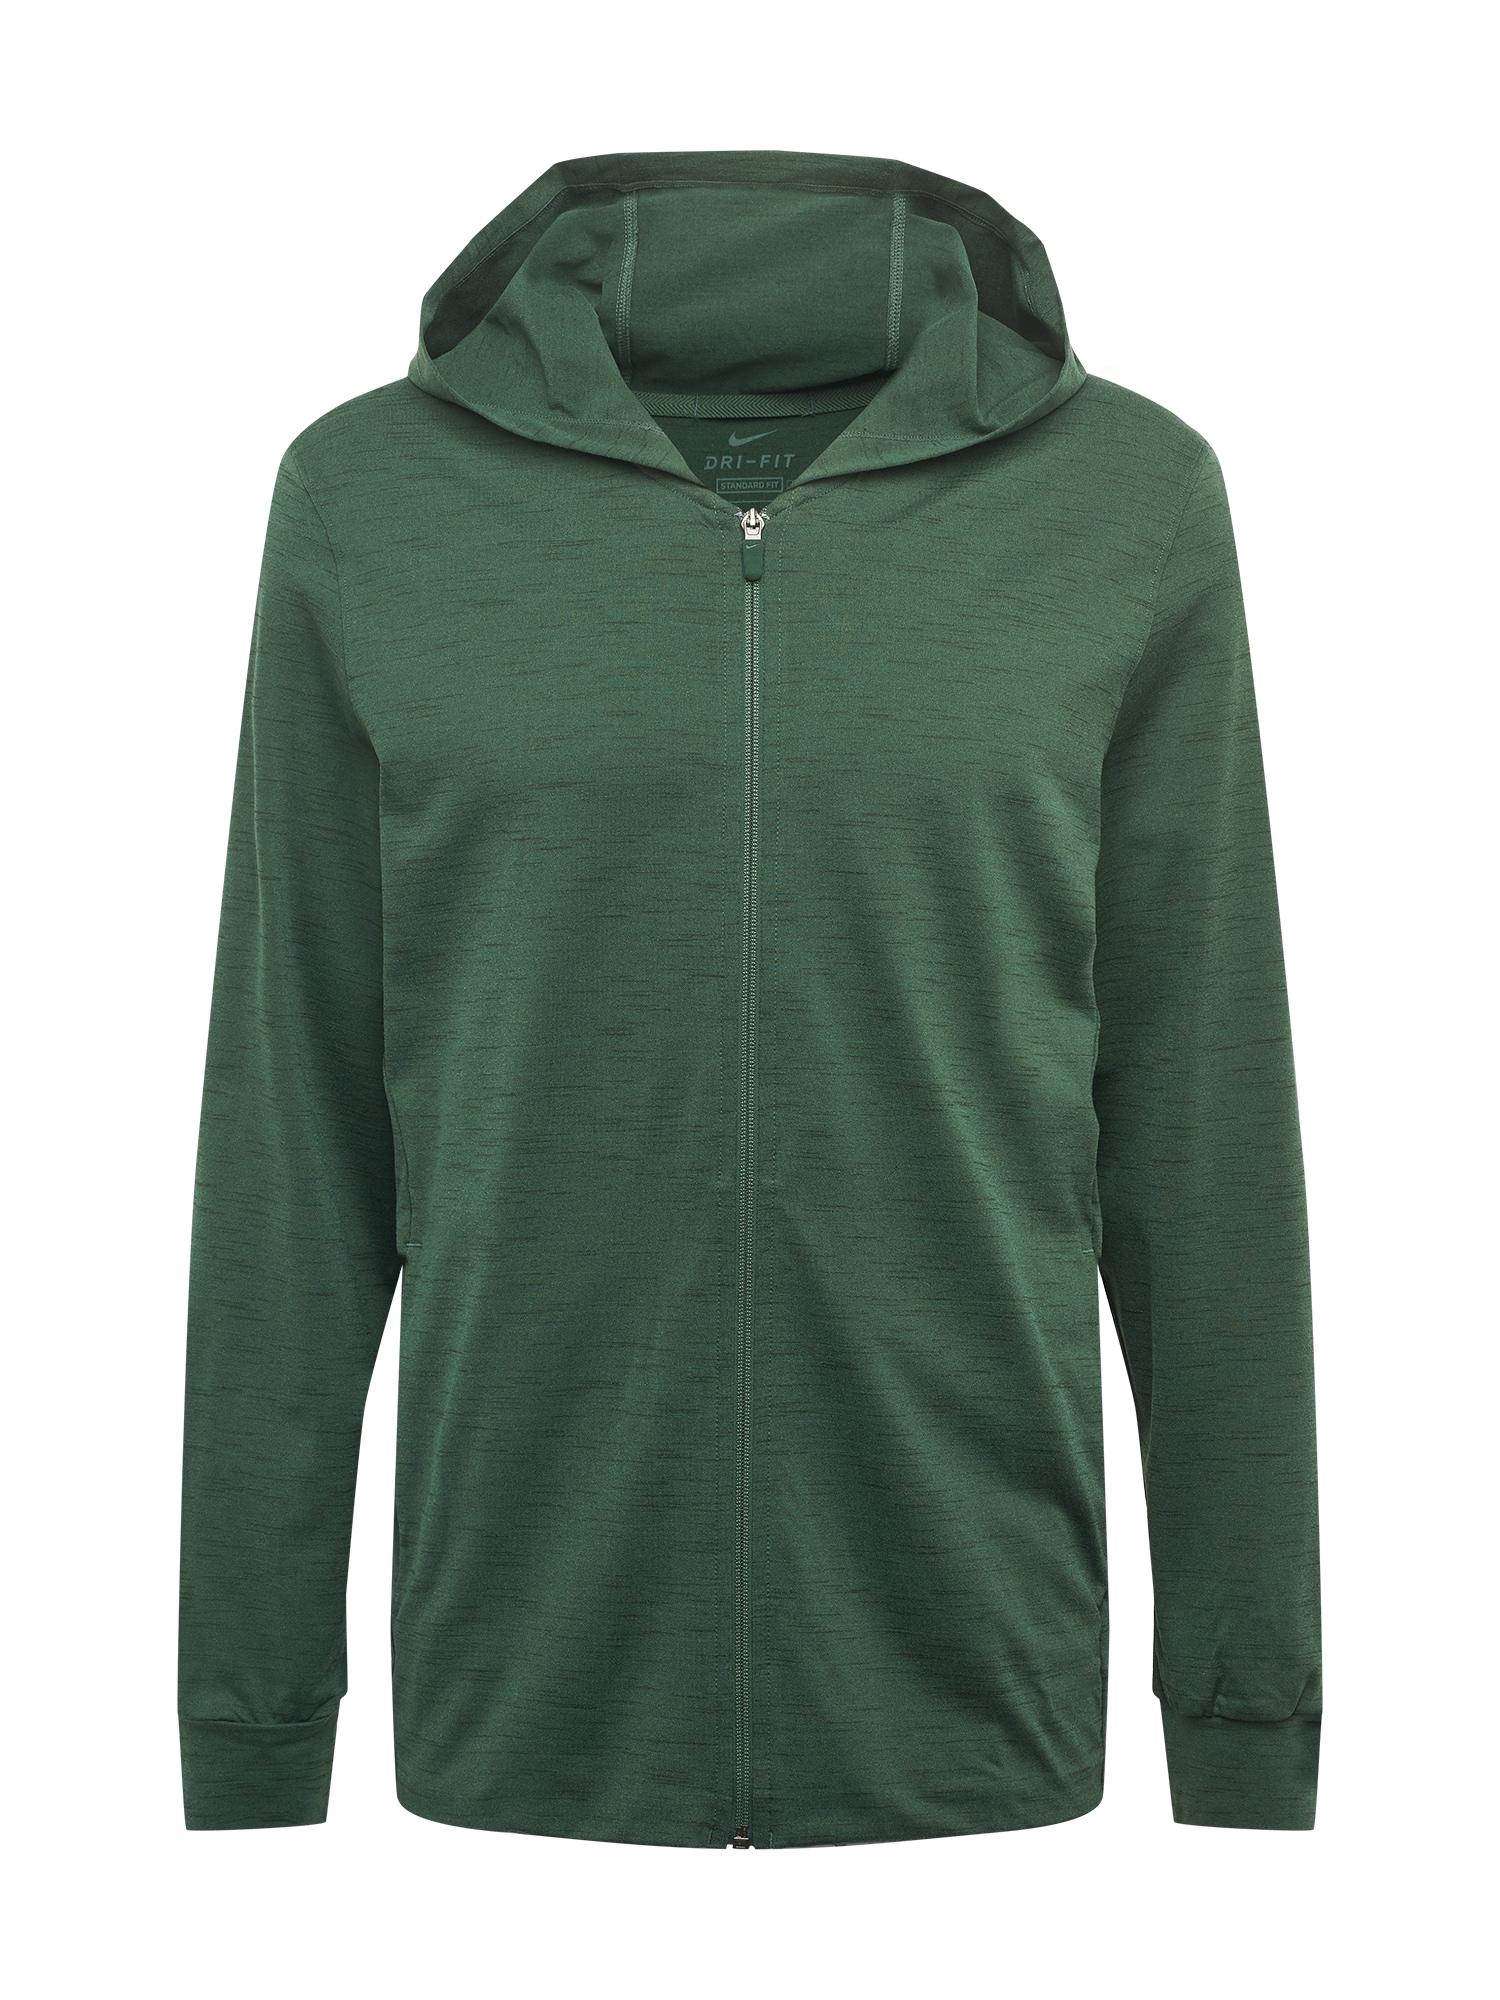 NIKE Džemperis treniruotėms margai žalia